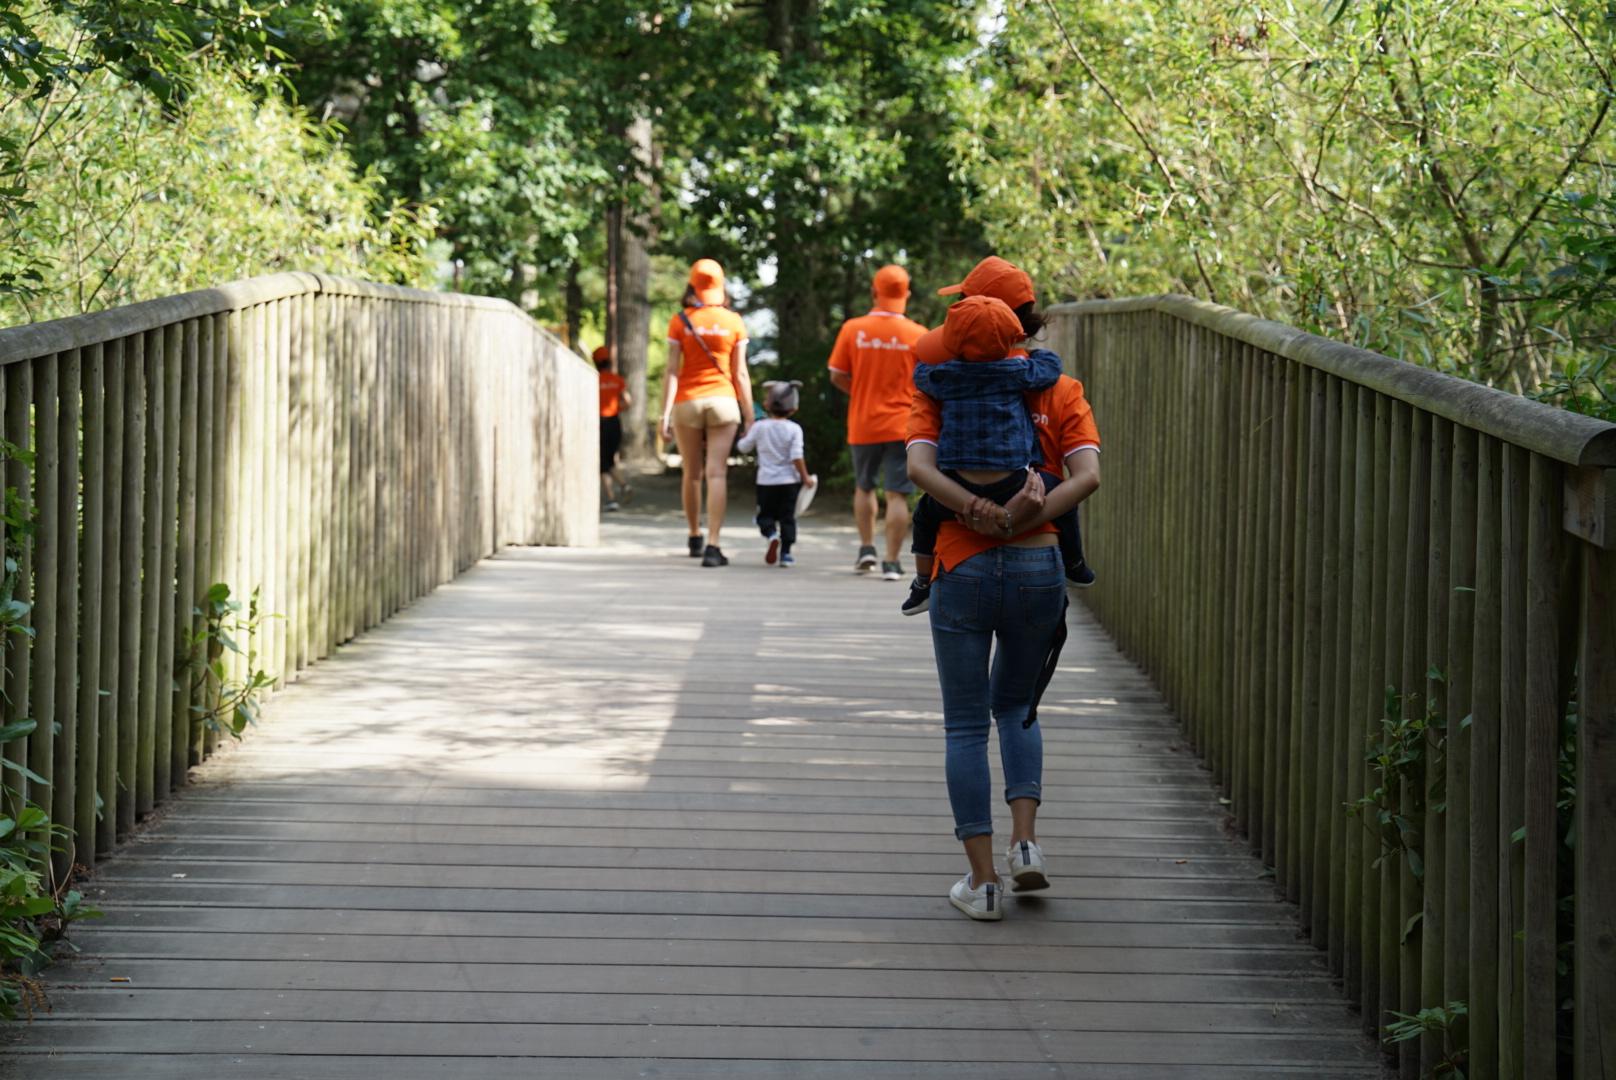 Về gần cuối, nhiều người chọn cách đi bộ để hoàn thành đường chạy.Sau khoảng 3 tiếng chạy bộ, người FPT Tại Pháp đã thực hiện tổng quãng đường 86 km.